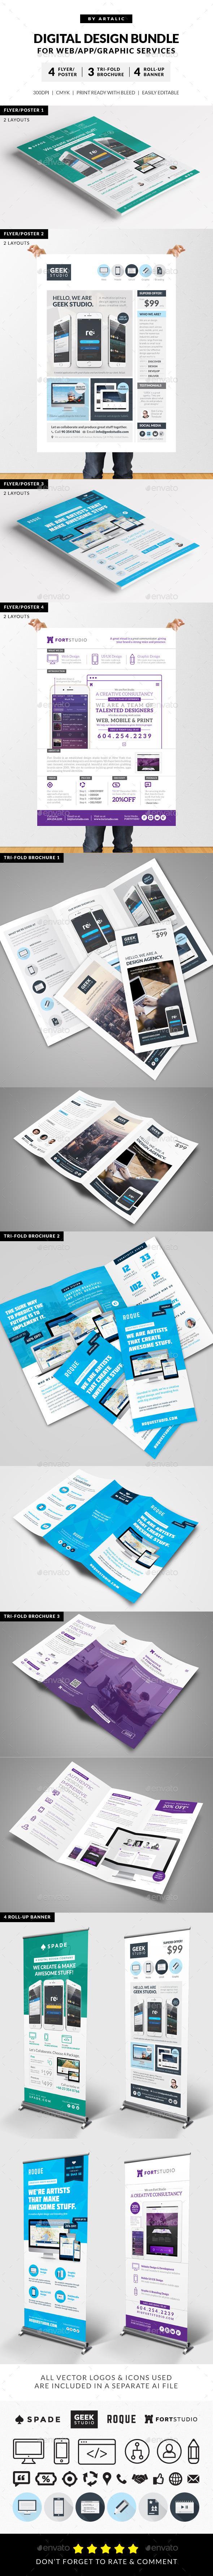 Digital Design Services Bundle - Print Templates